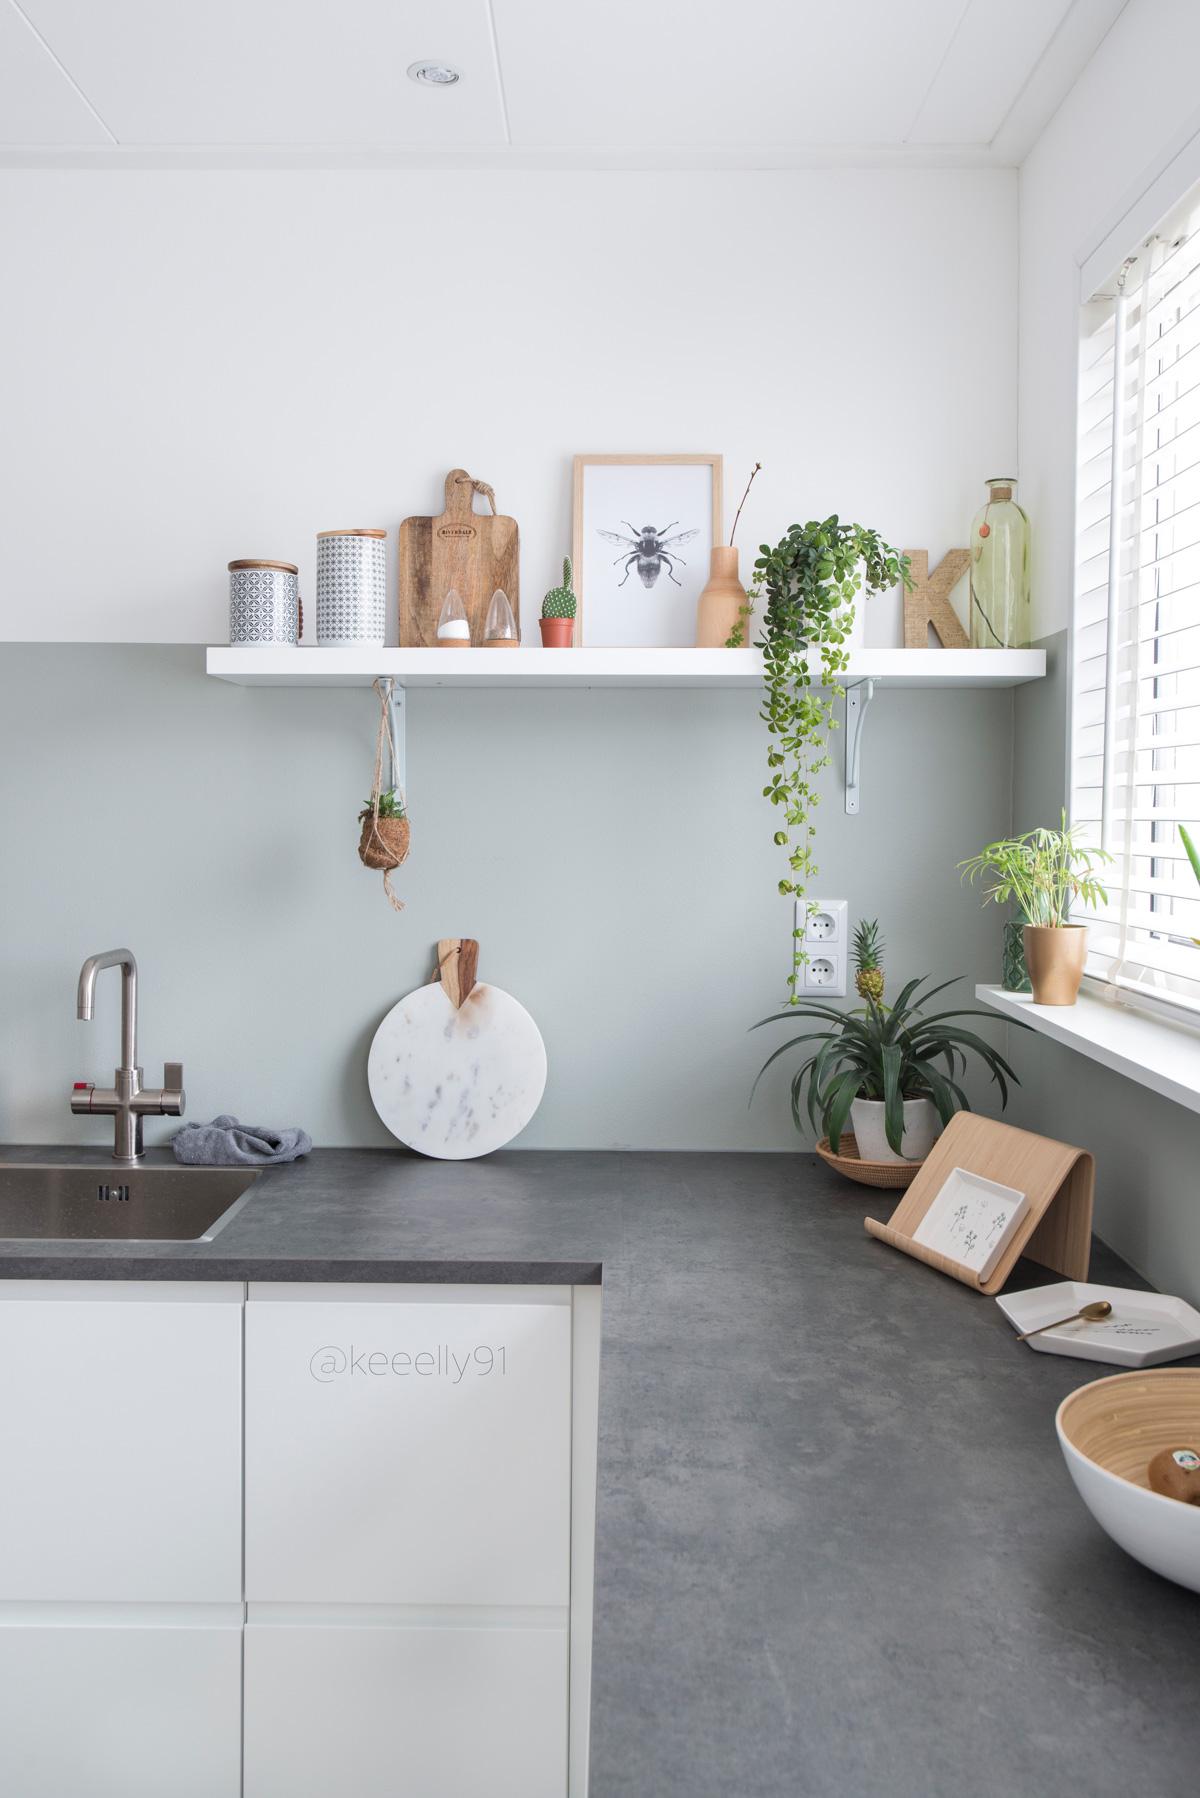 keeelly91 keuken kitchen wit ikea terracotta cactus planten